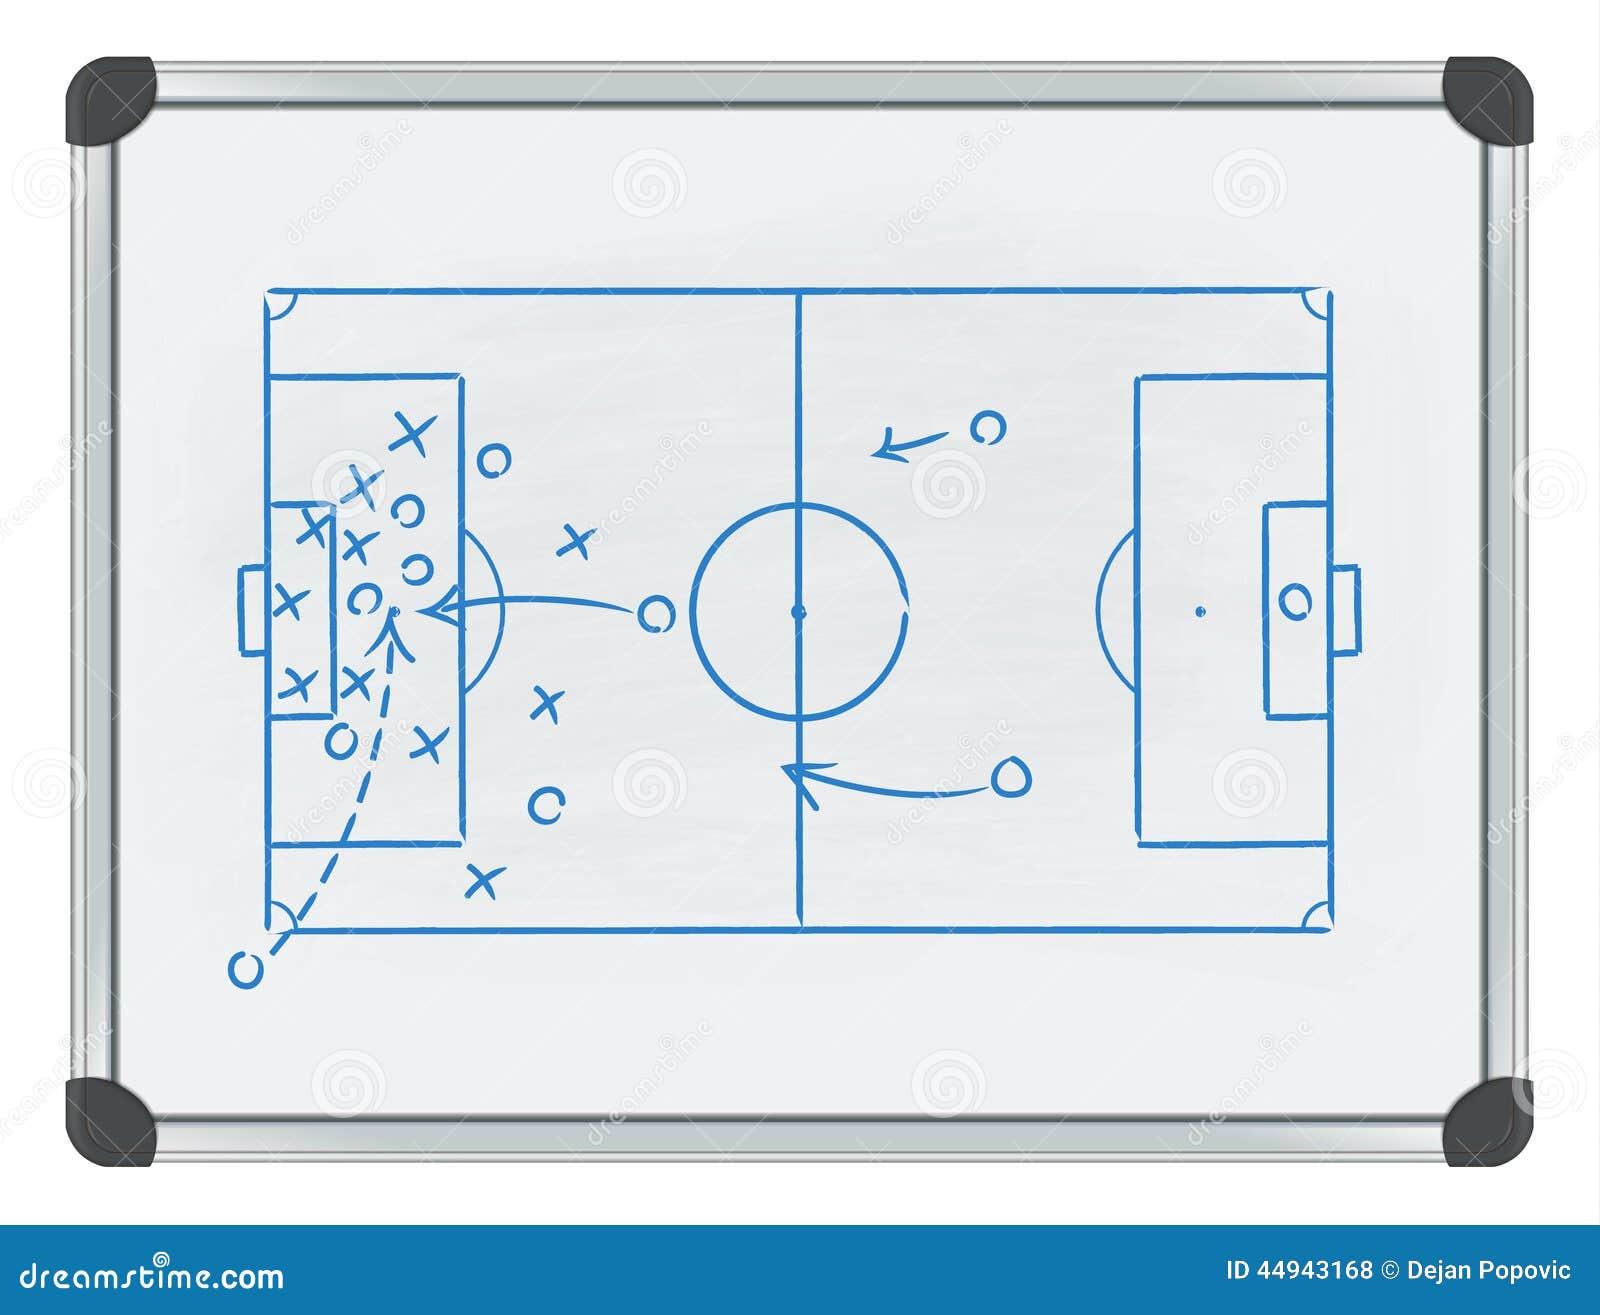 football tactic on whiteboard stock illustration